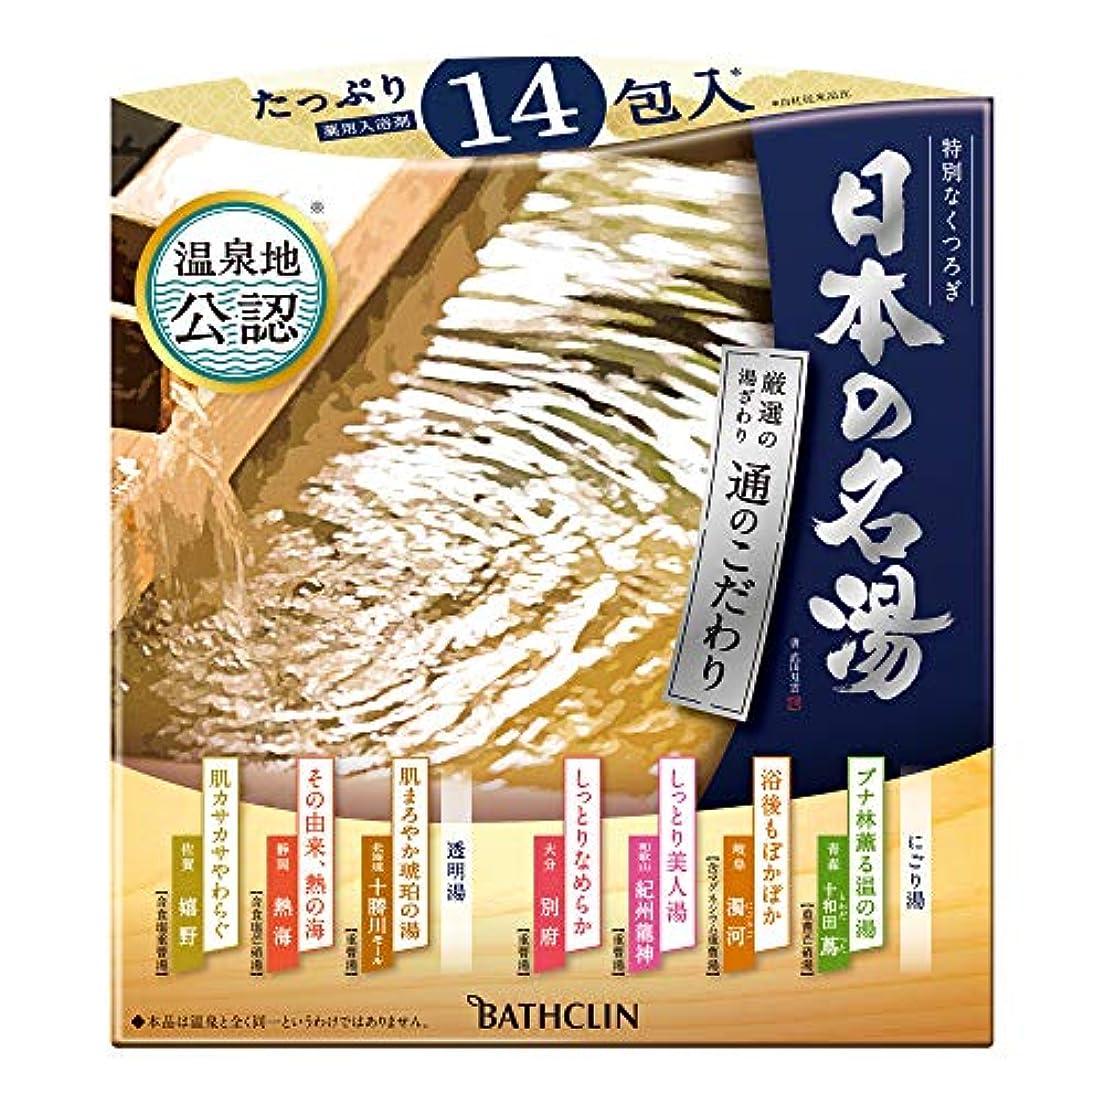 比類のない改修ランダム【医薬部外品】バスクリン 日本の名湯 入浴剤 通のこだわり 30g×14包 個包装詰め合わせ 温泉タイプ